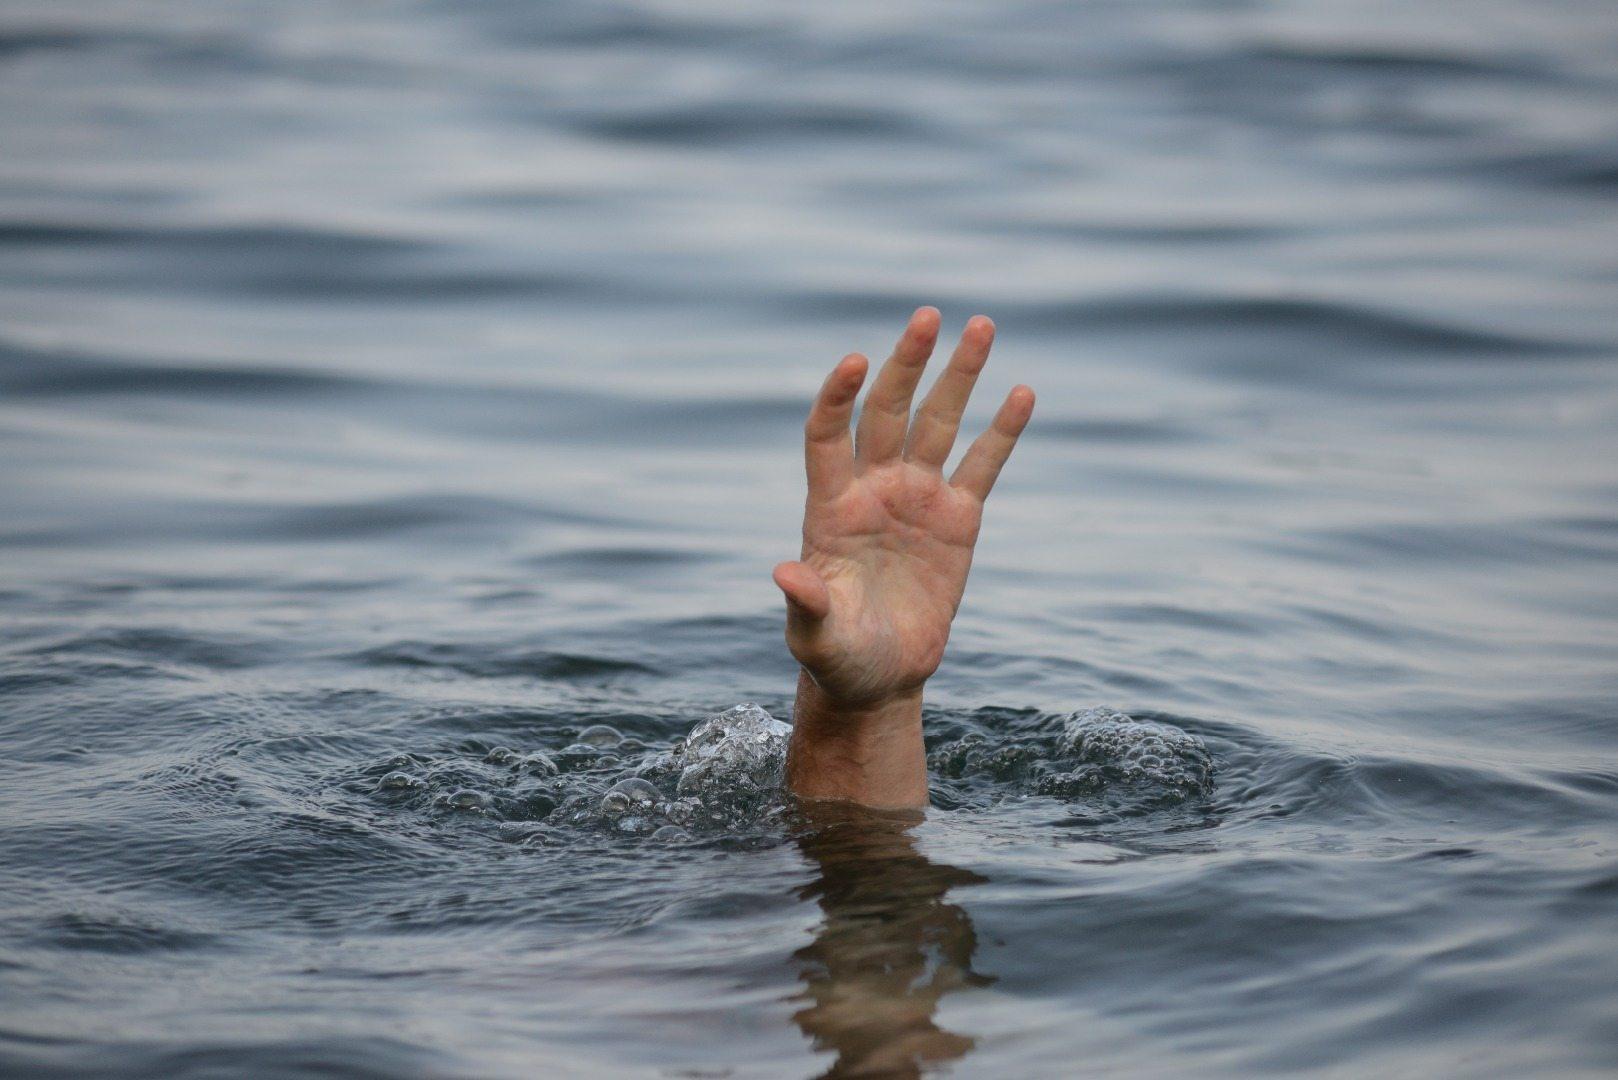 На Херсонщине пастух утонул в оросительном канале